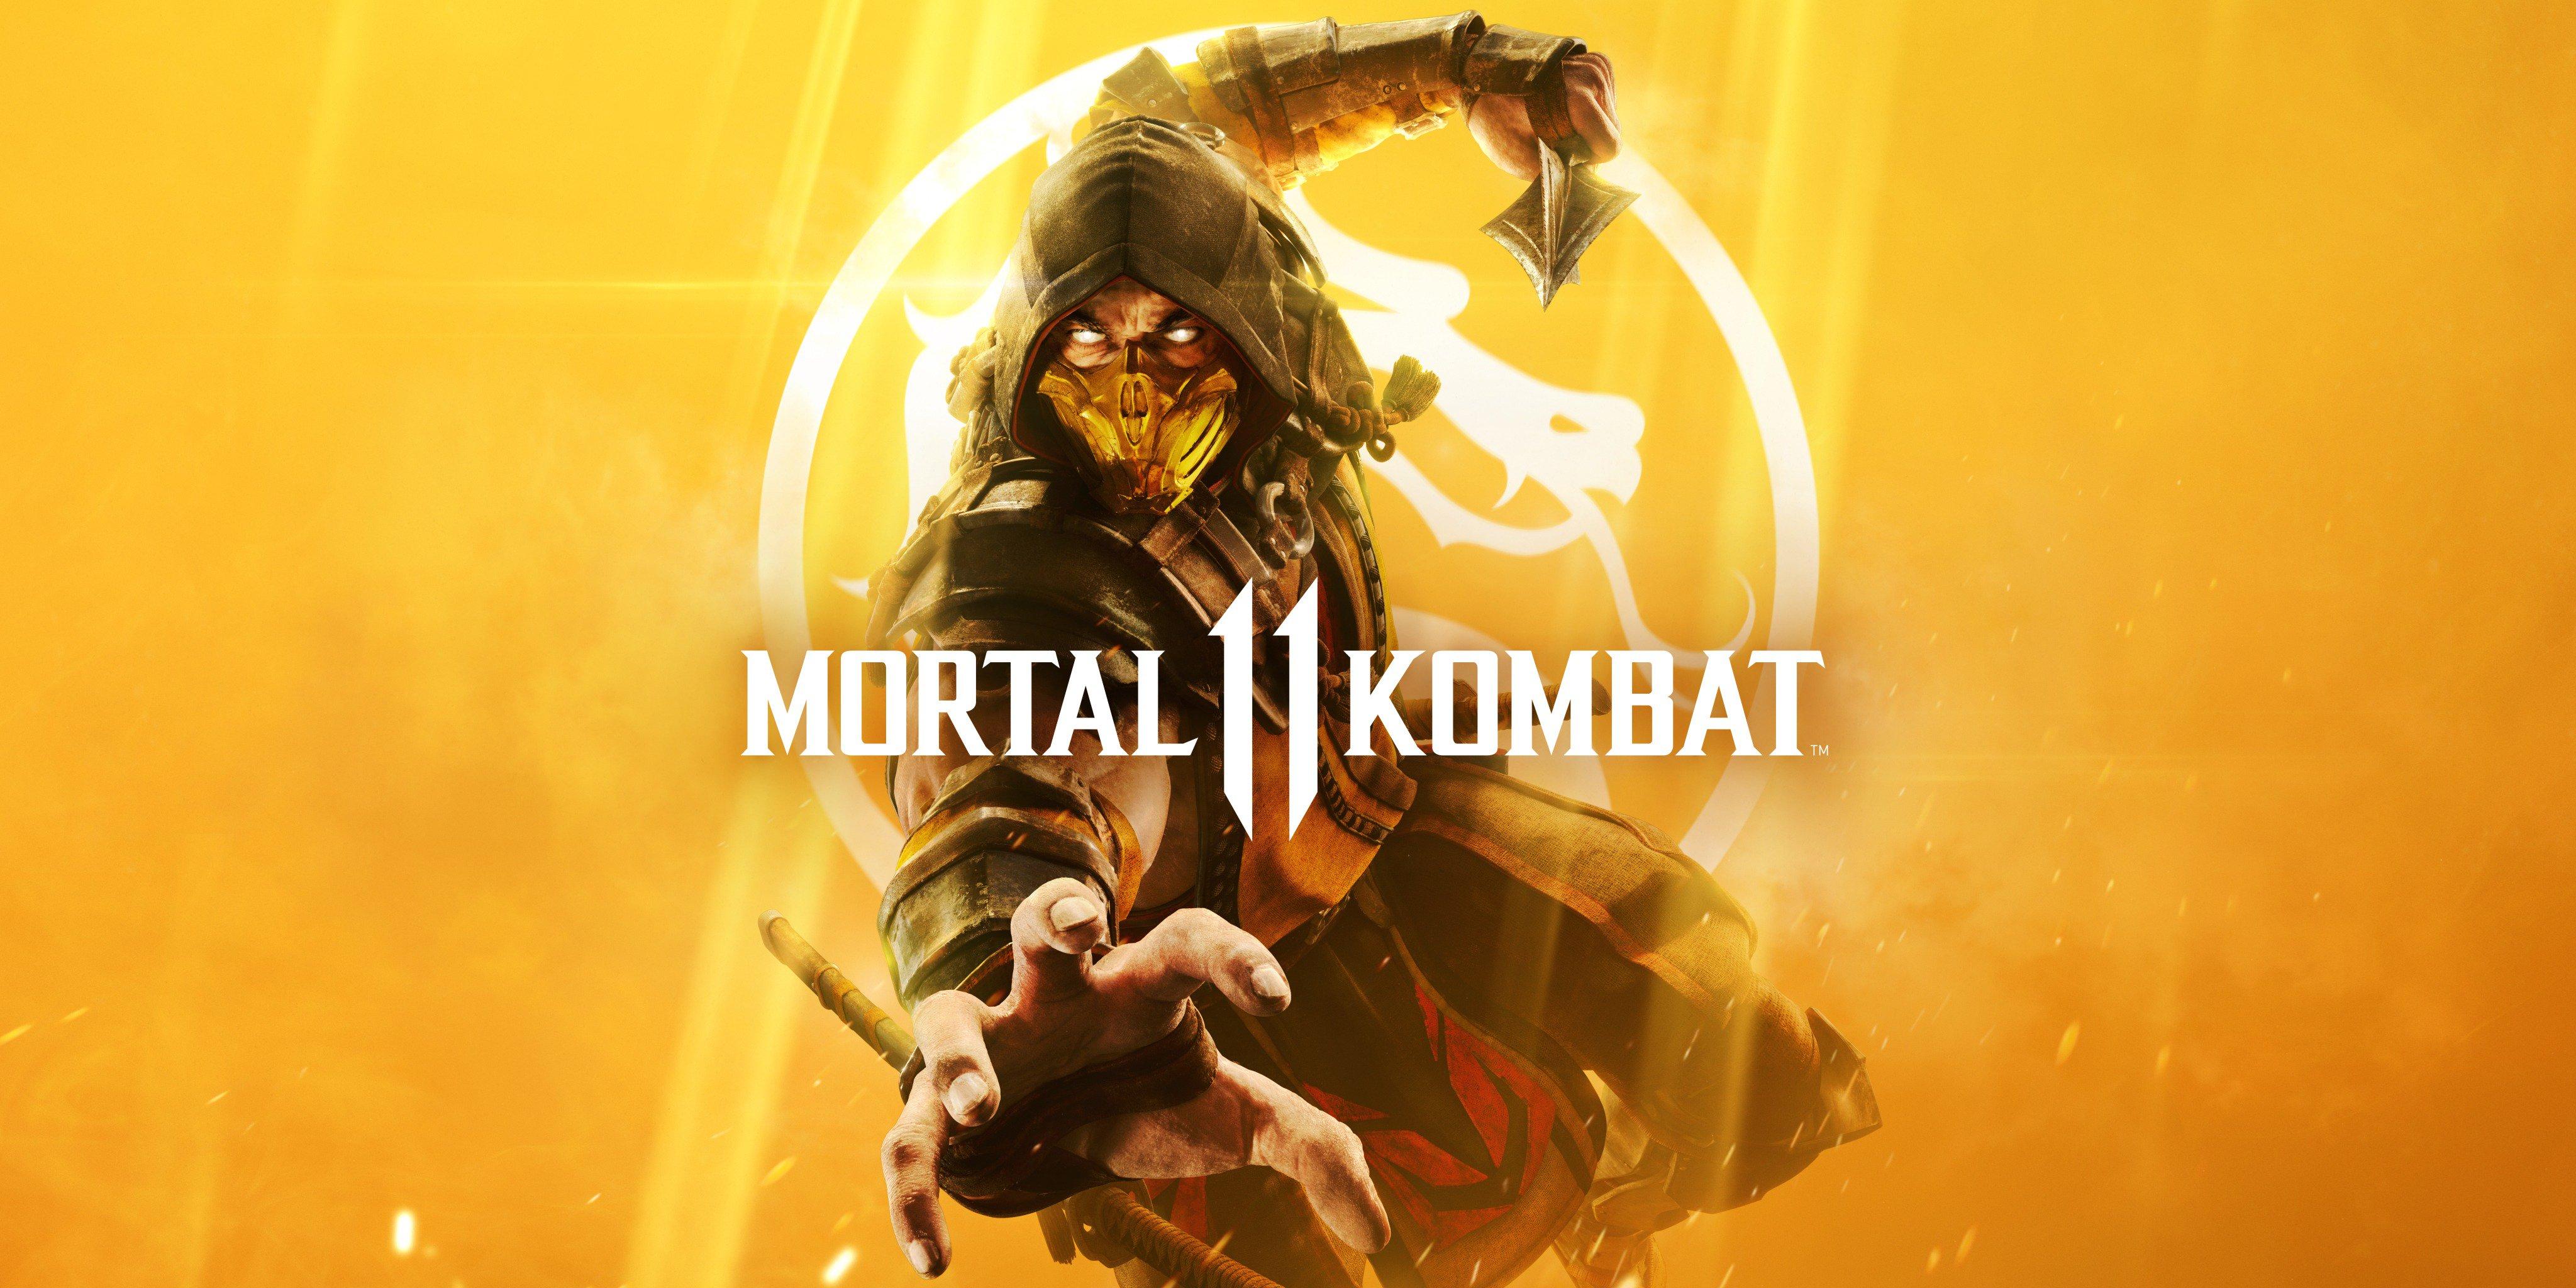 All Games Delta Mortal Kombat 11 Adds Liu Kang Kung Lao And Jax Briggs